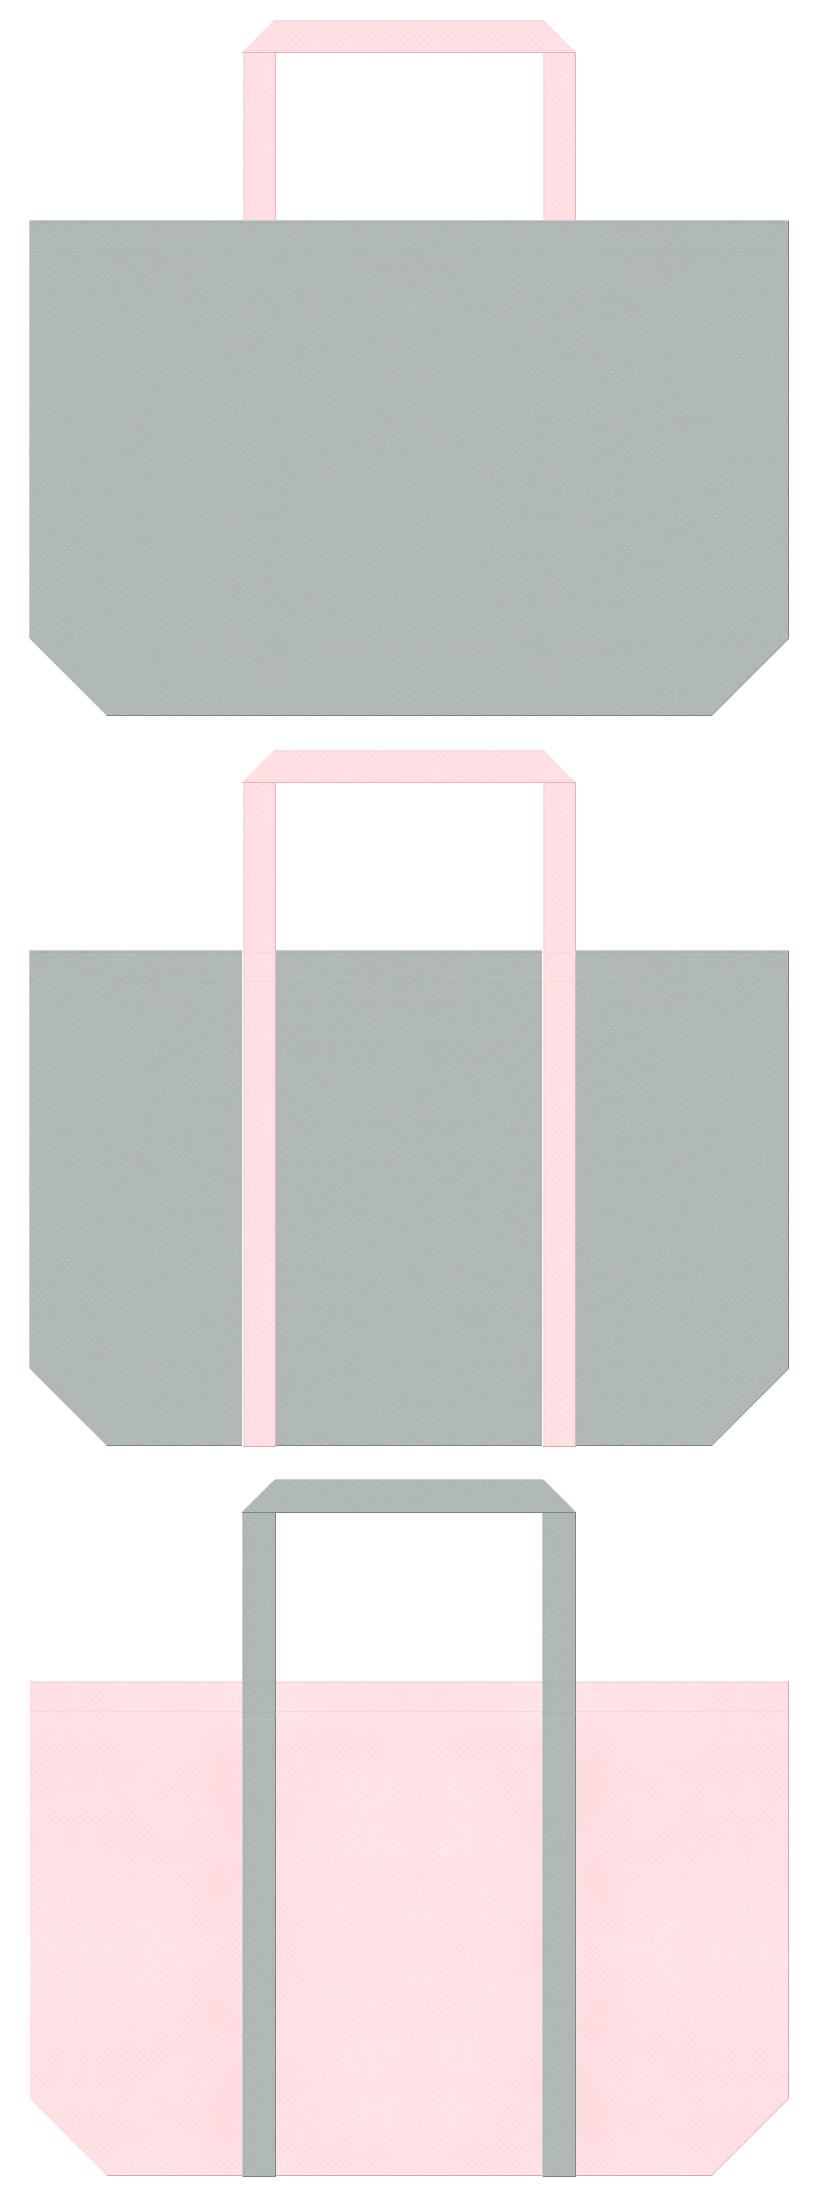 グレー色と桜色の不織布エコバッグのデザイン。事務服のイメージにお奨めの配色です。